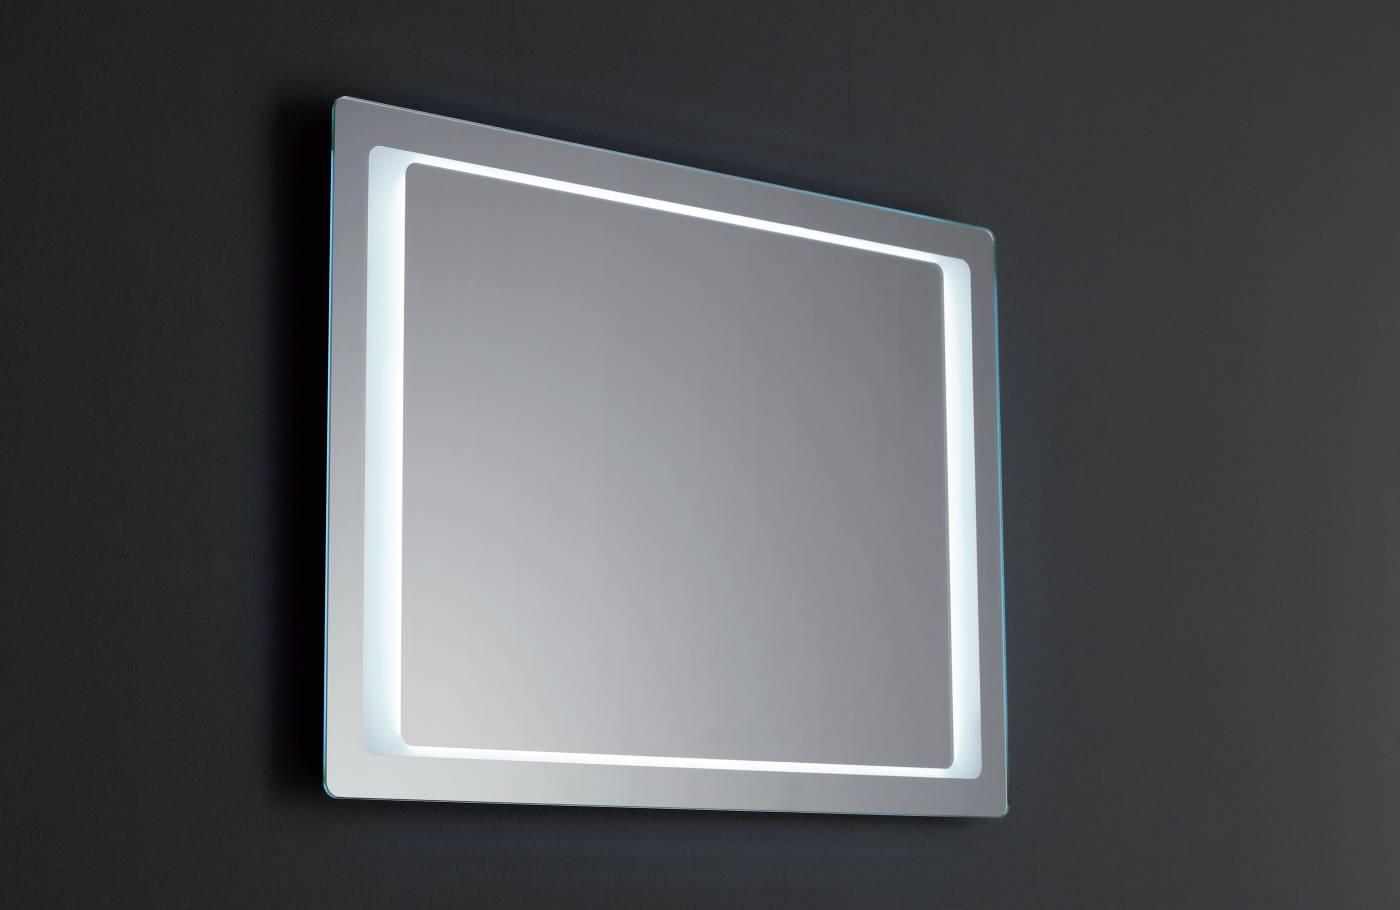 miroir_salle de bain_antibuée_option_kit_bluetooth_rétro-éclairé_led_aquila_vanita_e_casa